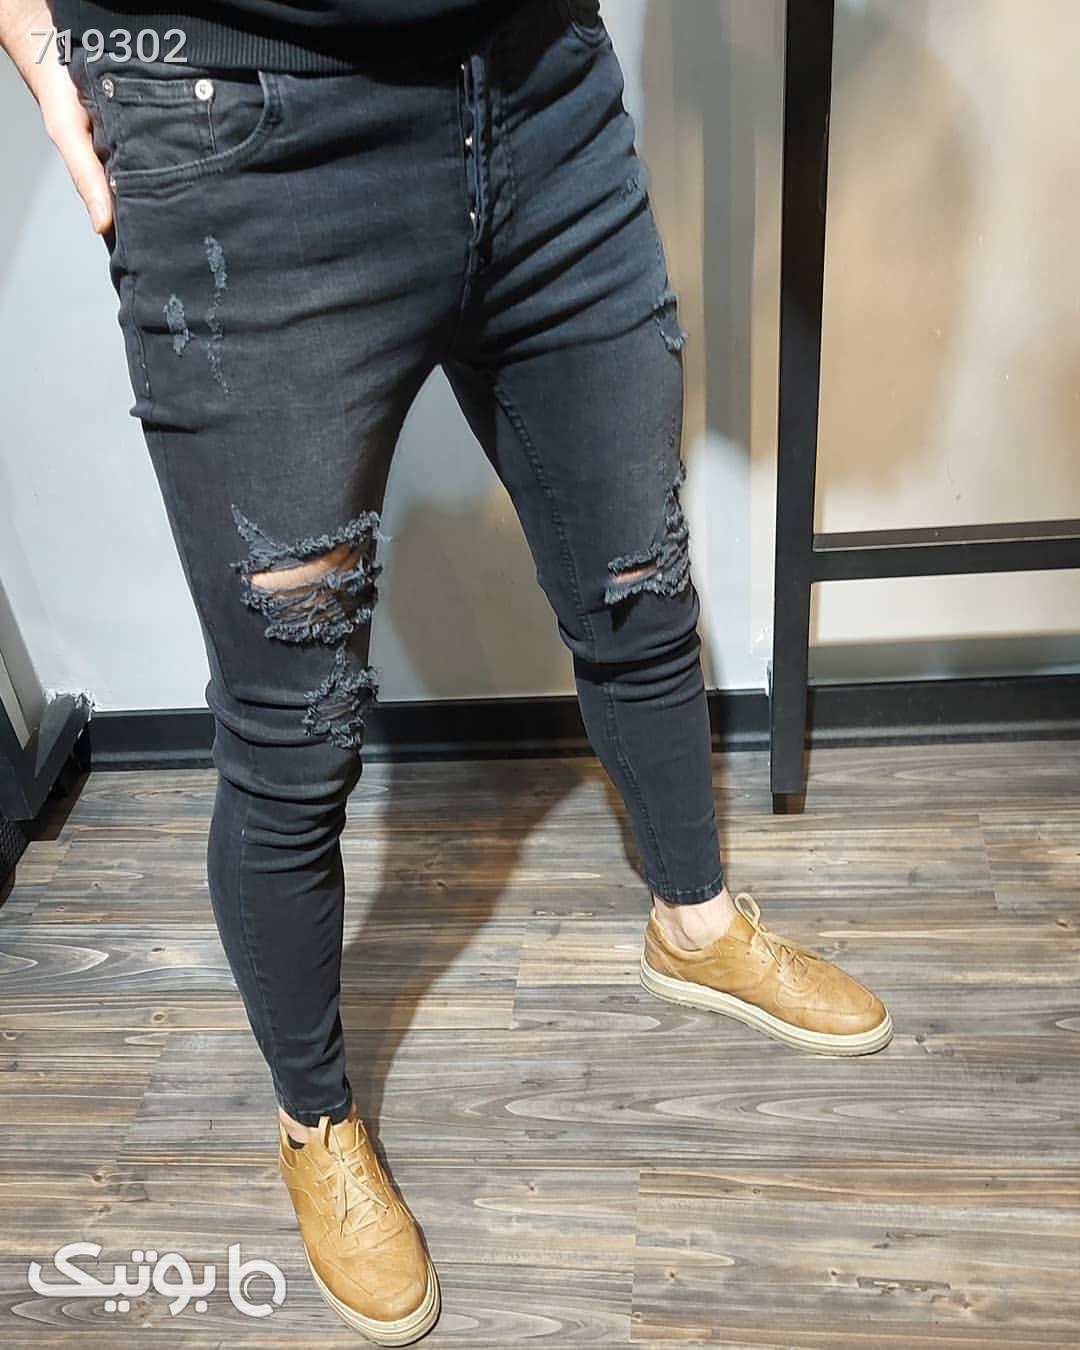 شلوار جین زاپدار مشکی شلوار جین مردانه